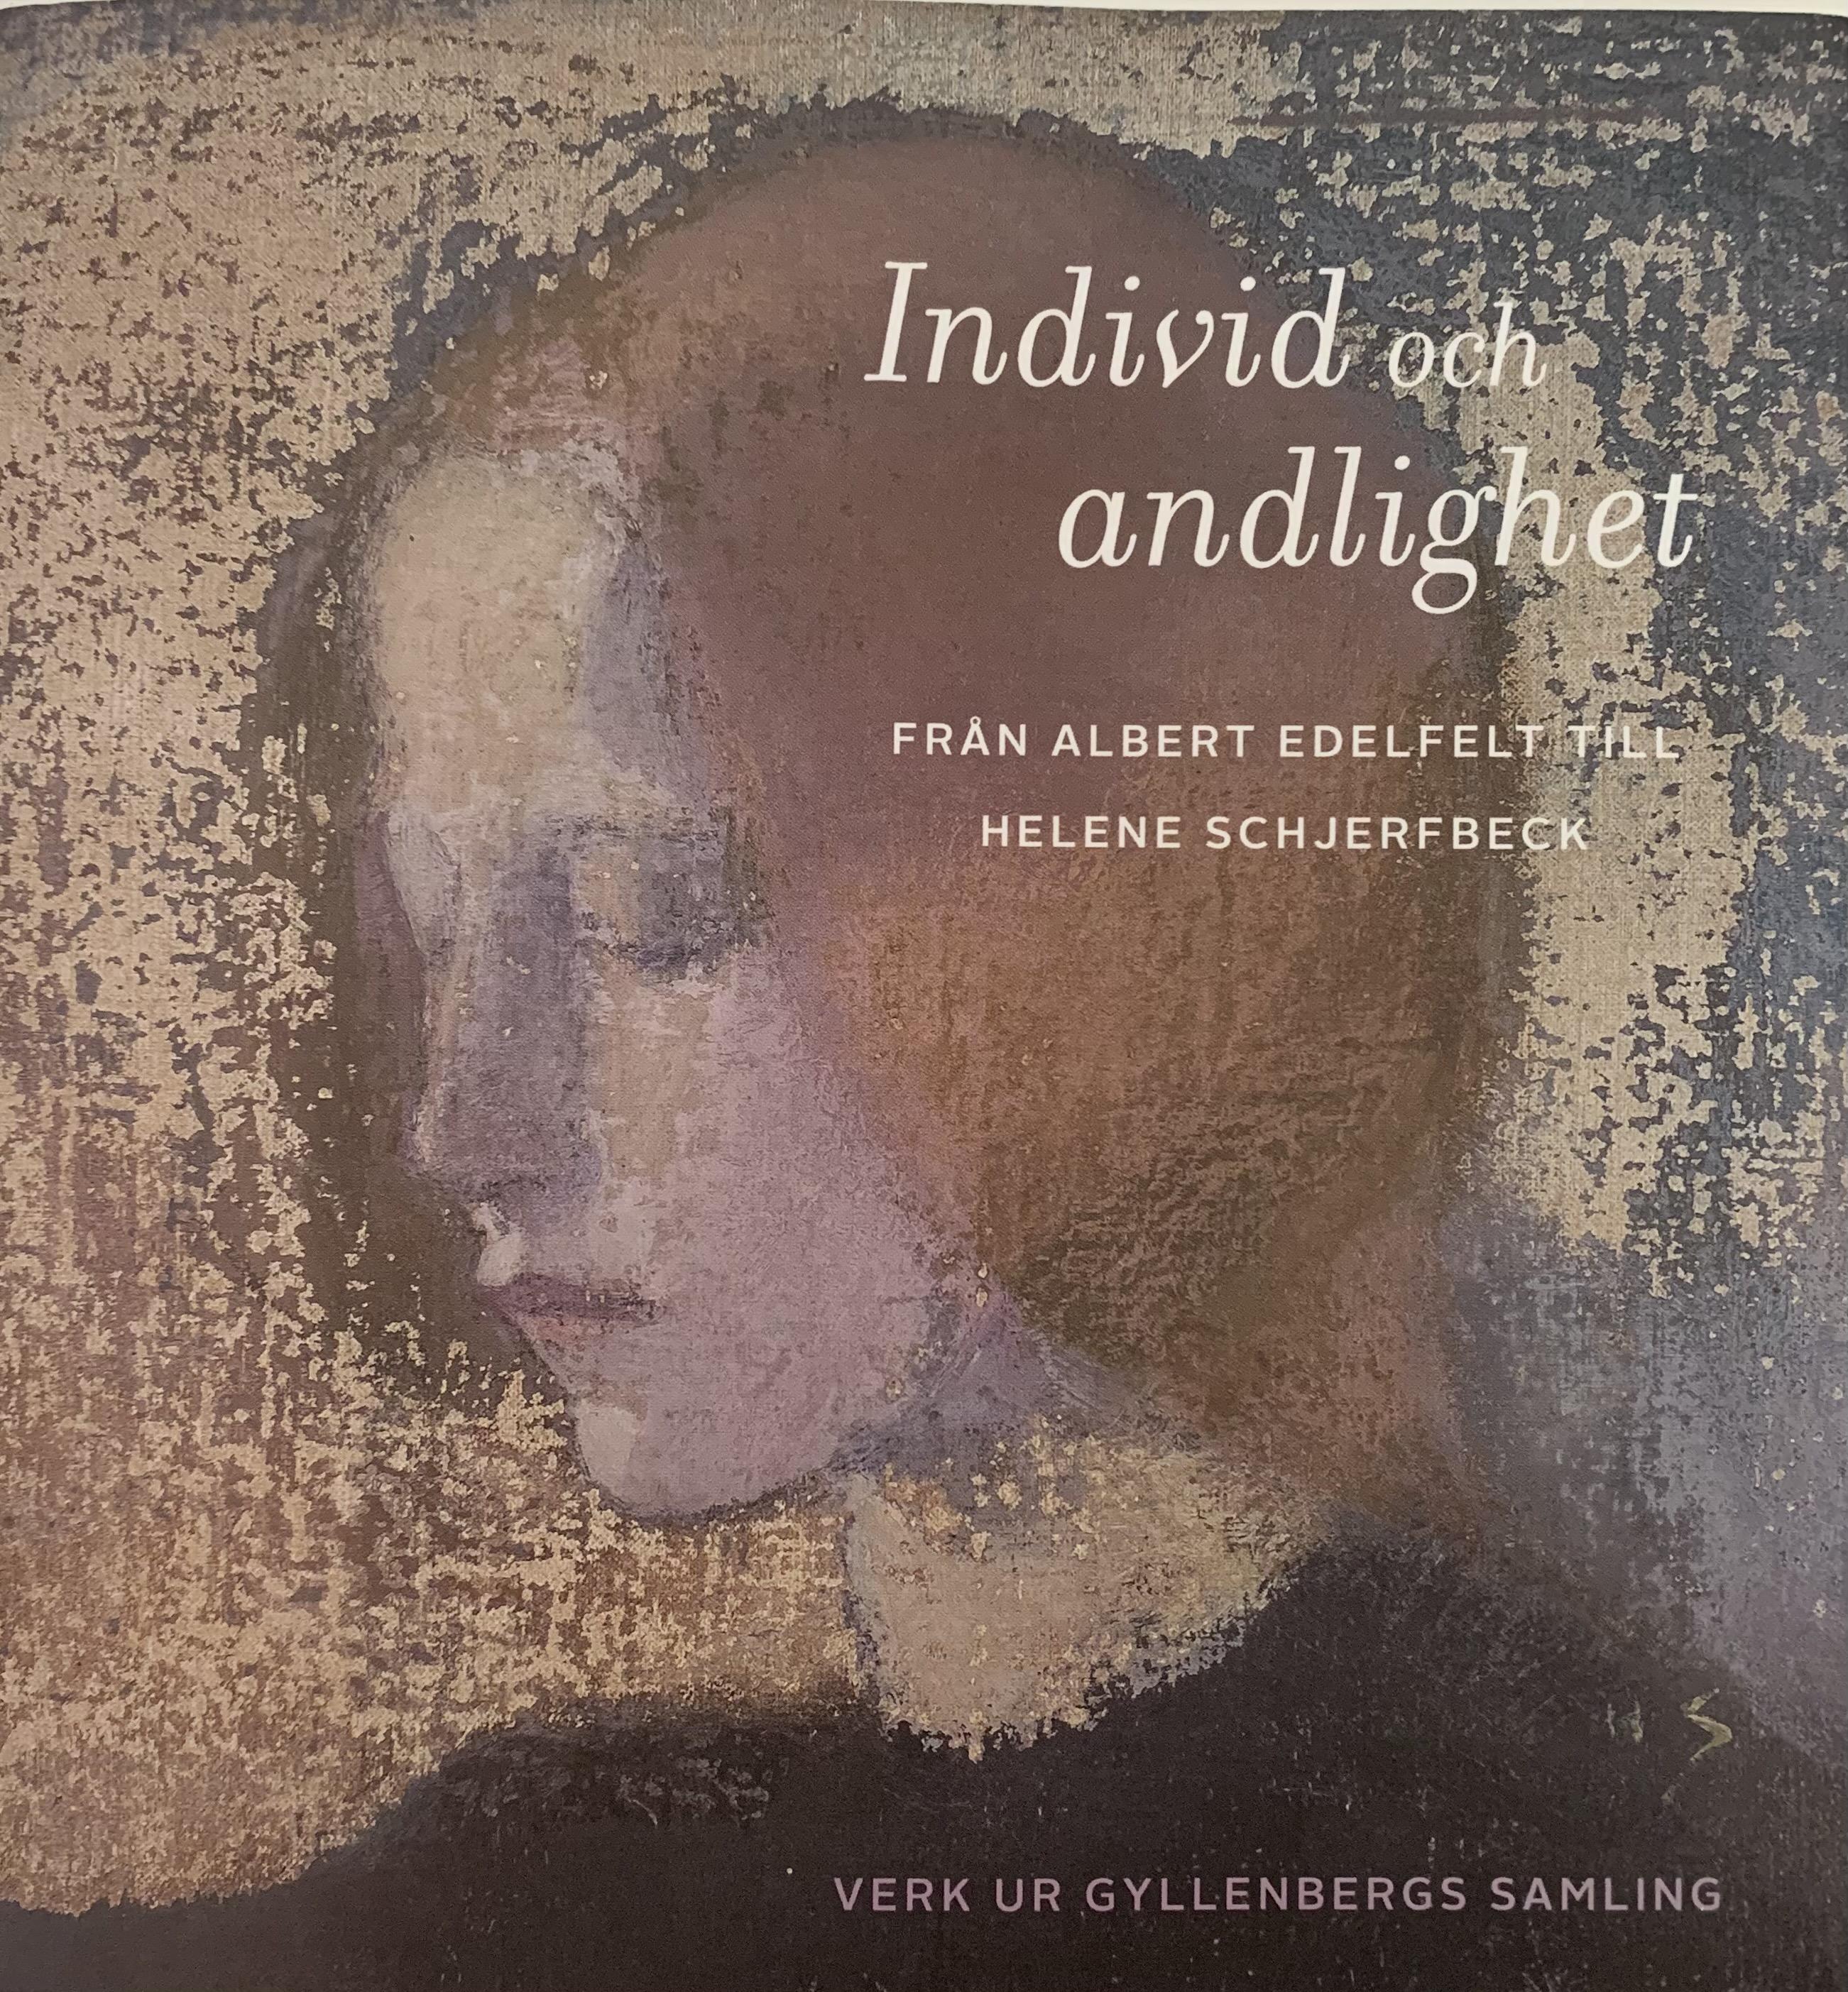 Katalog: Individ och andlighet